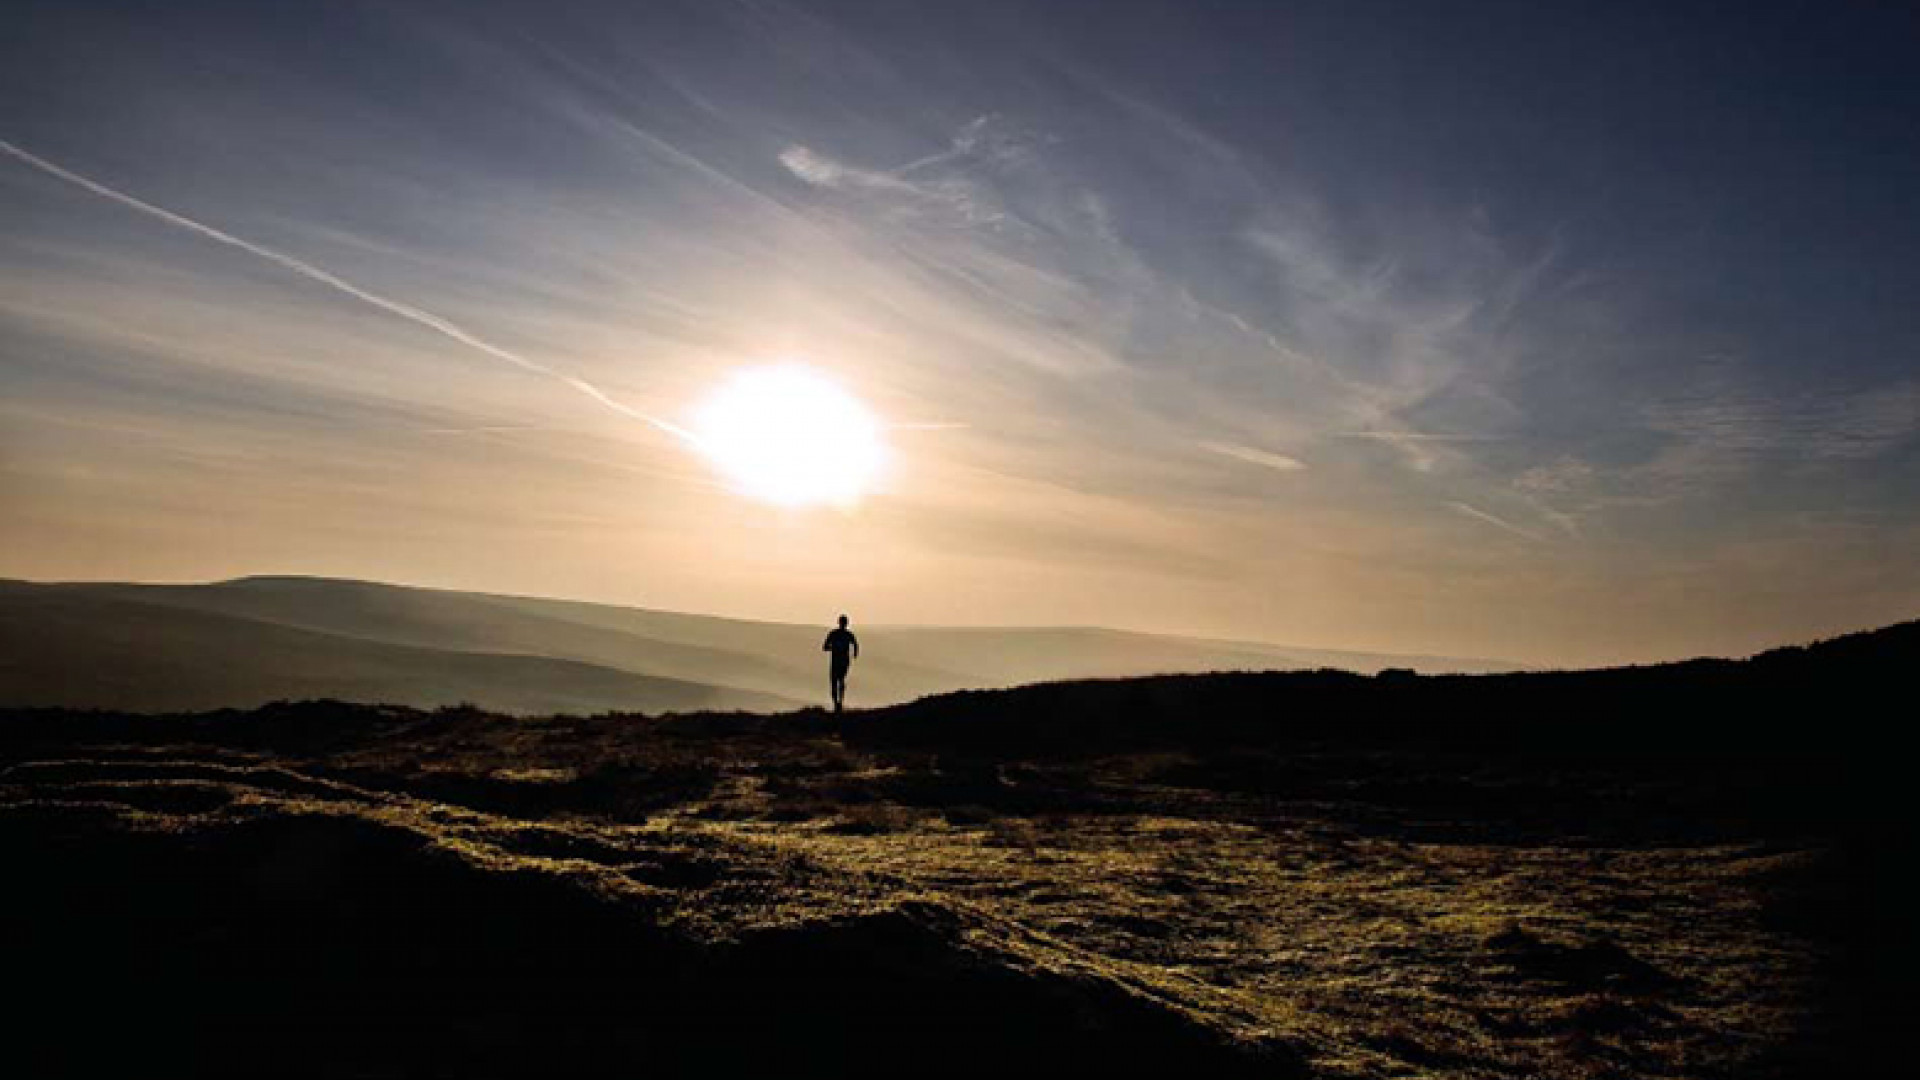 Ryan-Edy,-Sunrise-Runner,-Living-the-View,-Commended,-2011